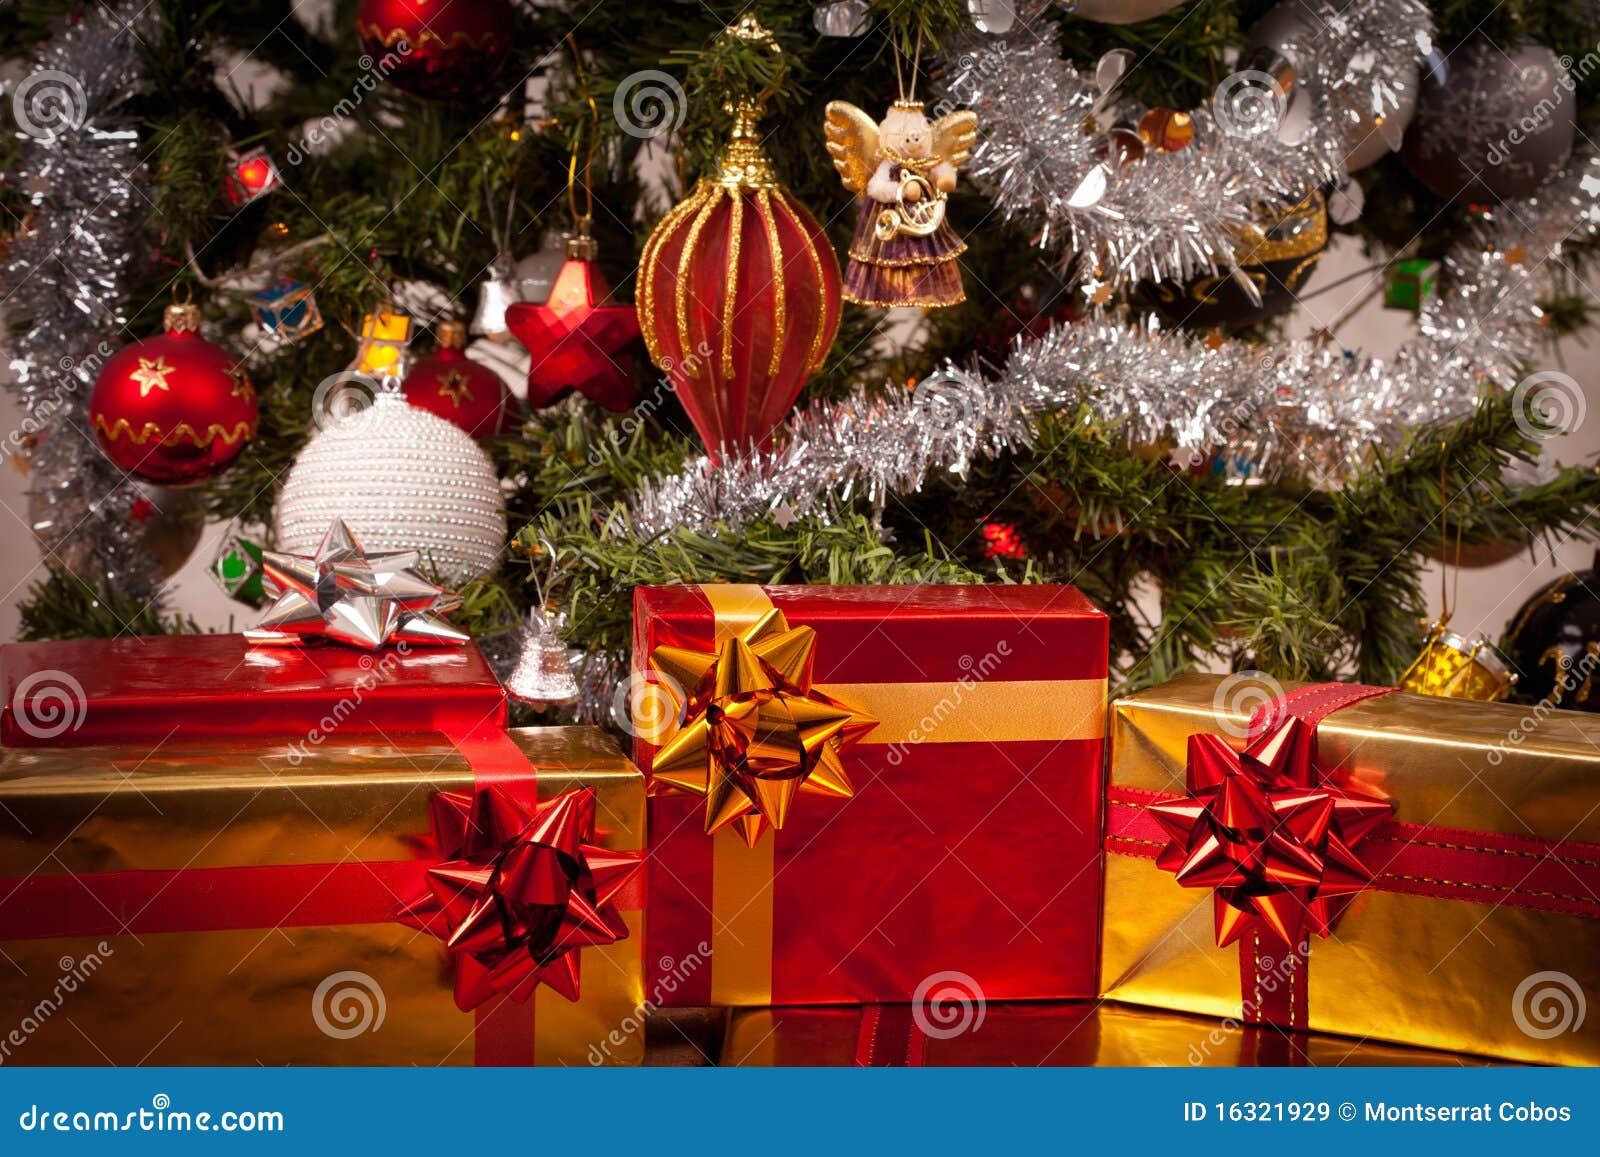 Rect ngulos de regalo adornados bajo el rbol de navidad - Arbol de navidad con regalos ...